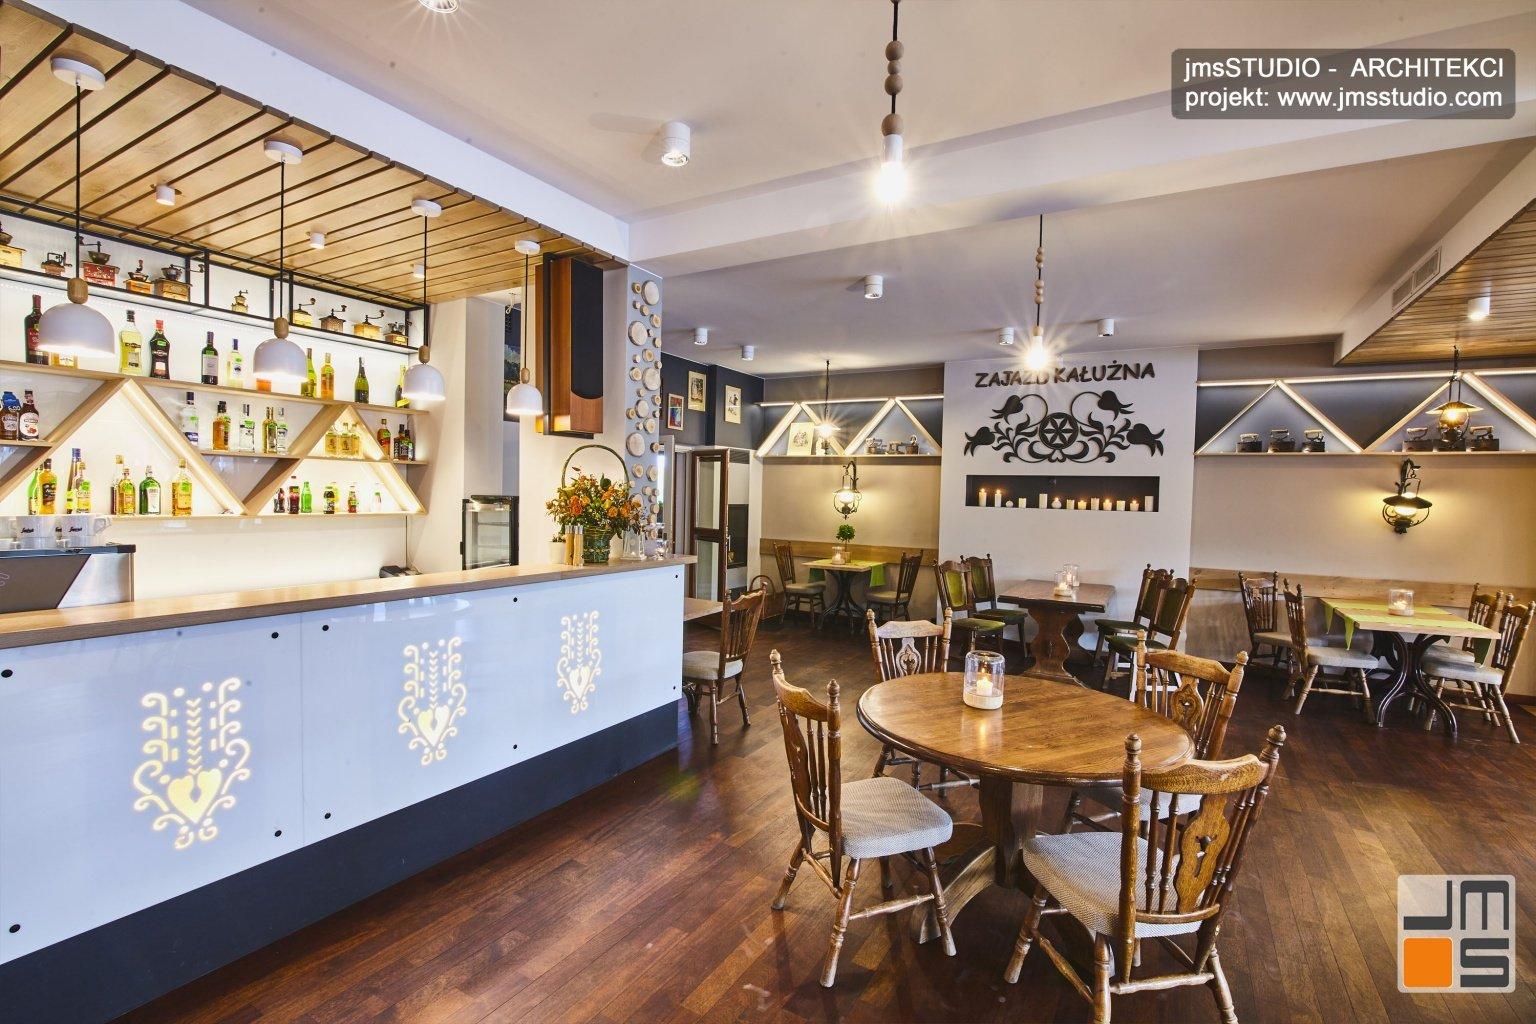 Projekt aranżacji wnętrz restauracji z salą weselną w stylu regionalnym w Pieninach to pomysł na nowoczesne wnętrze restauracji  góralskiej